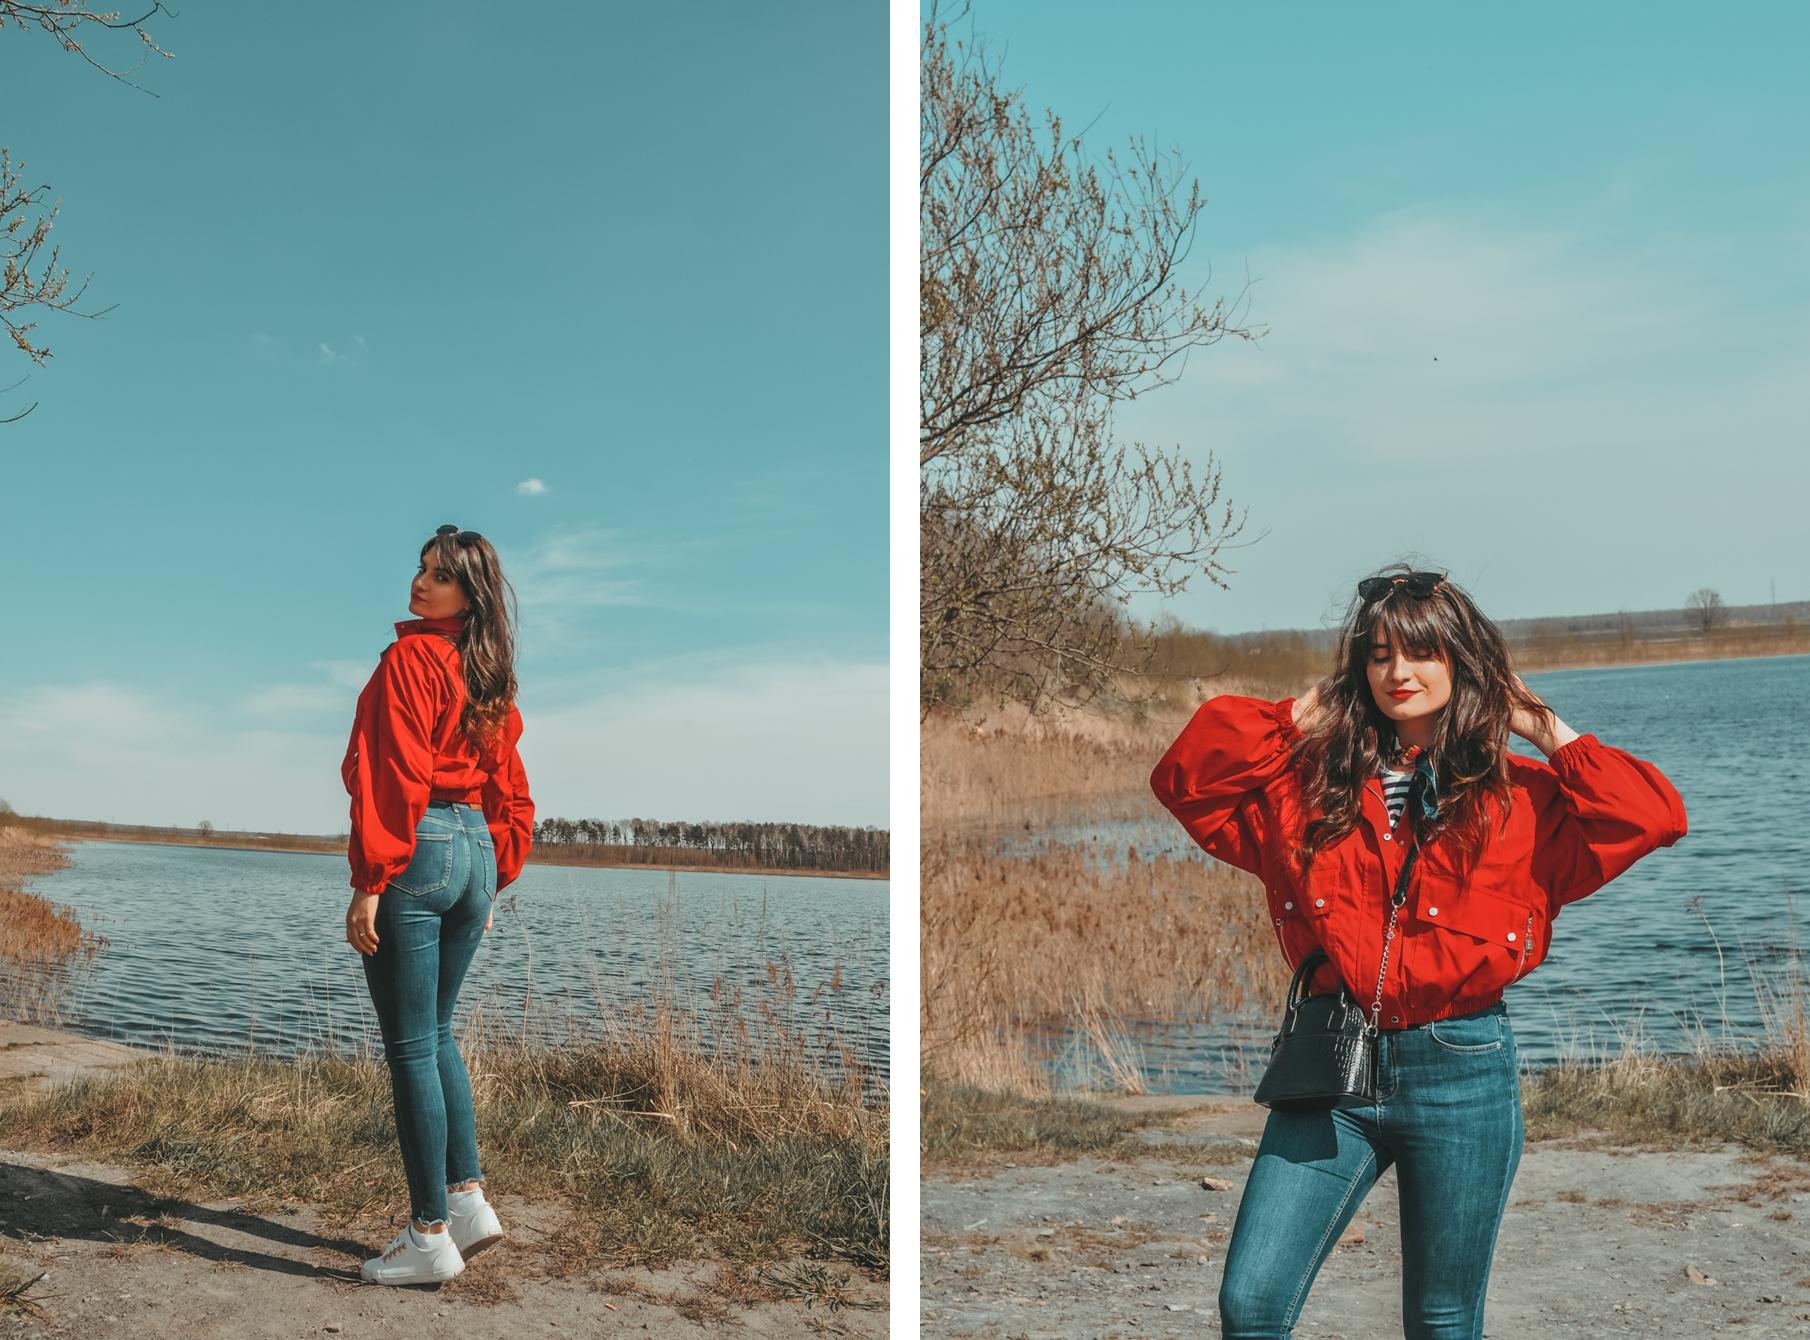 czerwona kurtka - z czym nosić?